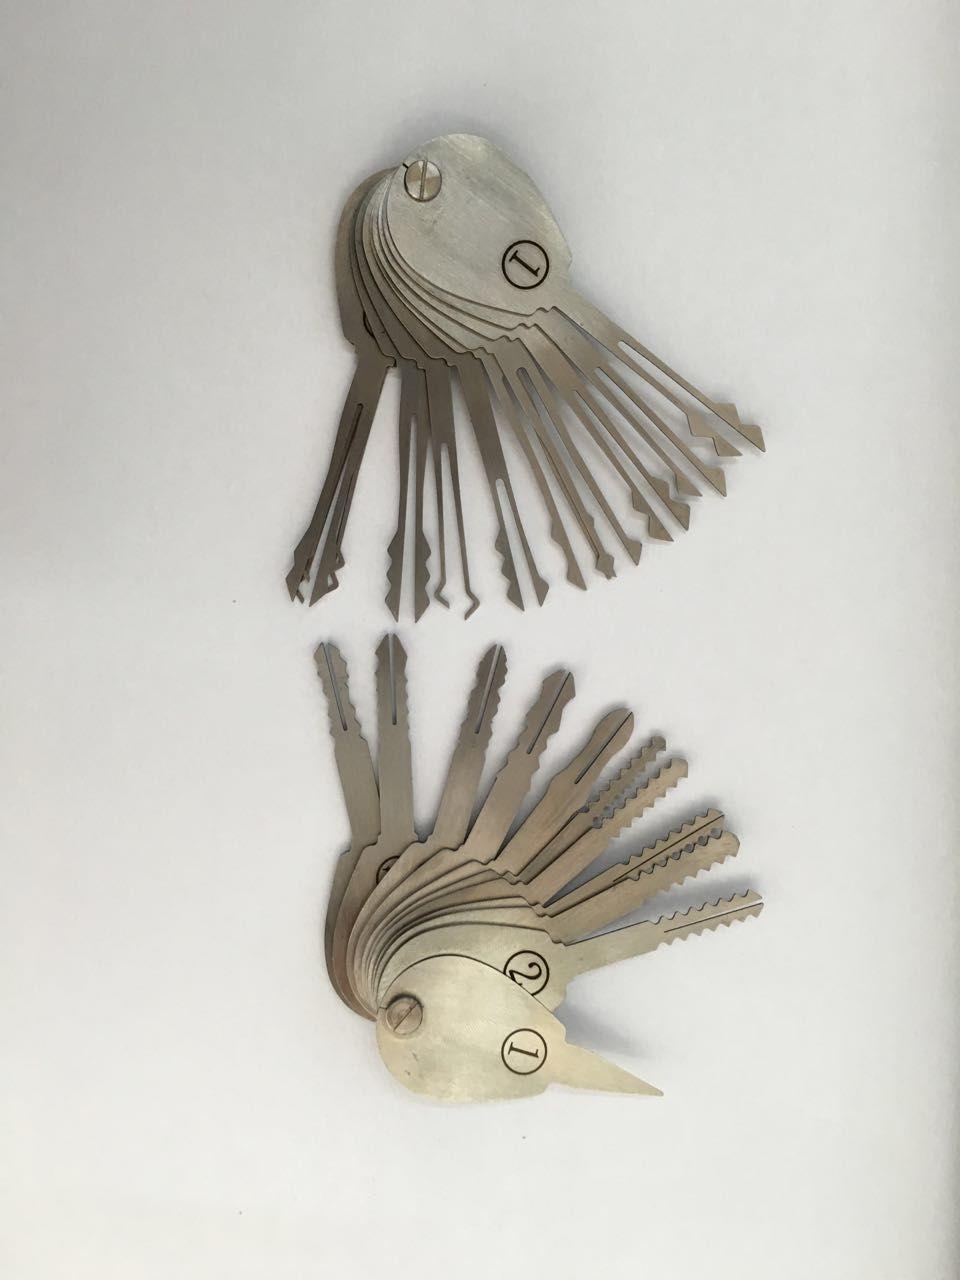 2015 Nuovo 21 pz Auto Jigglers Keys per Double Sided Lock Pick Set di Chiavi Apri di Blocco Lockpick Set Attrezzo del fabbro